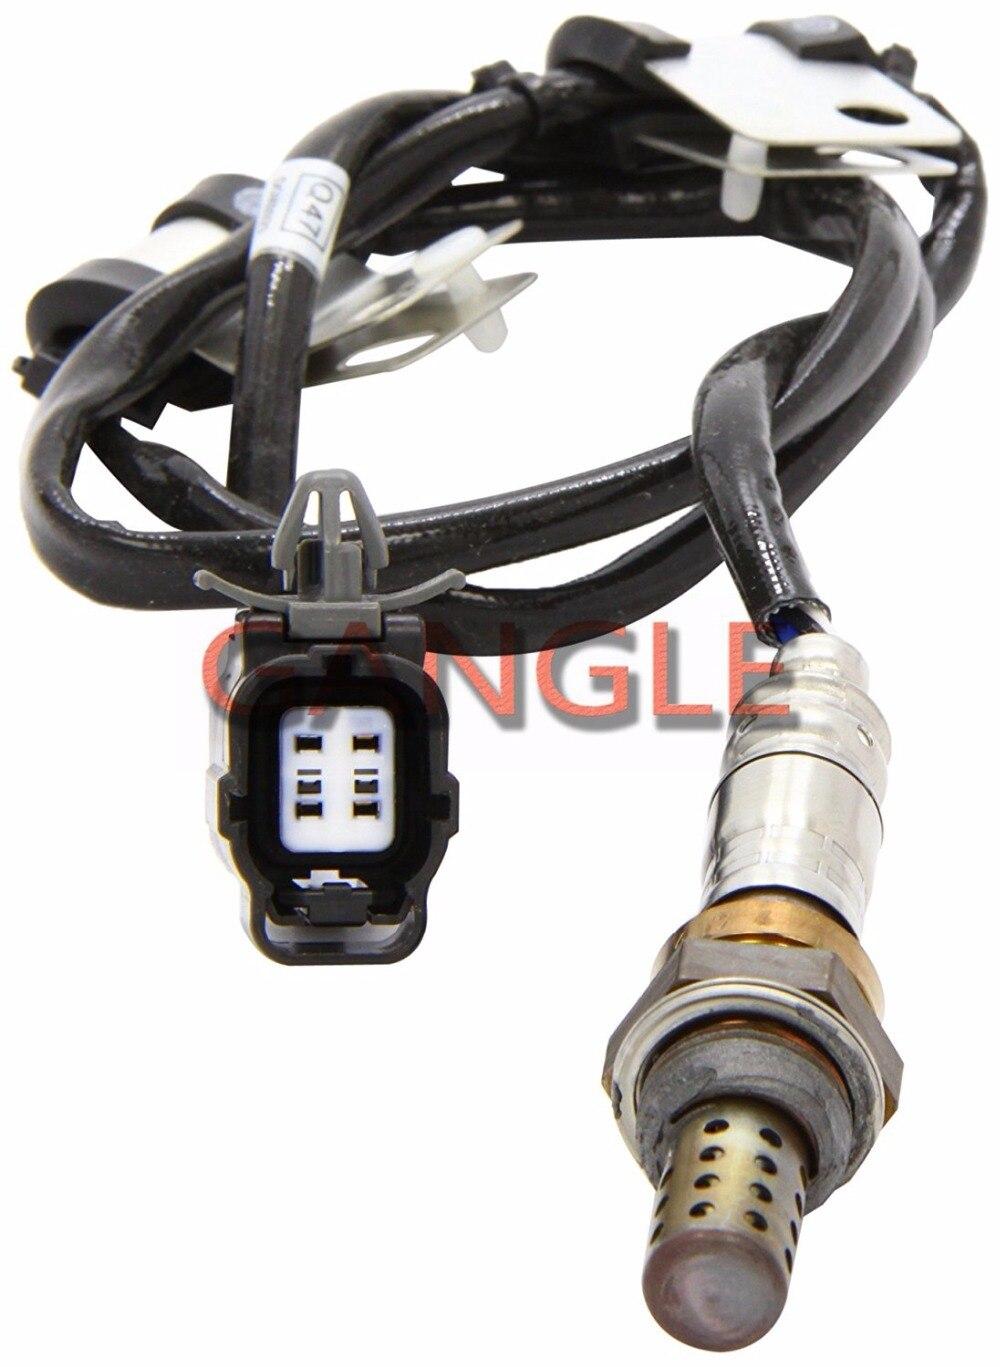 For 1998-2005 MAZDA MX-5 1.6 1.8 16V Lambda Probe Oxygen Sensors DOX-0323